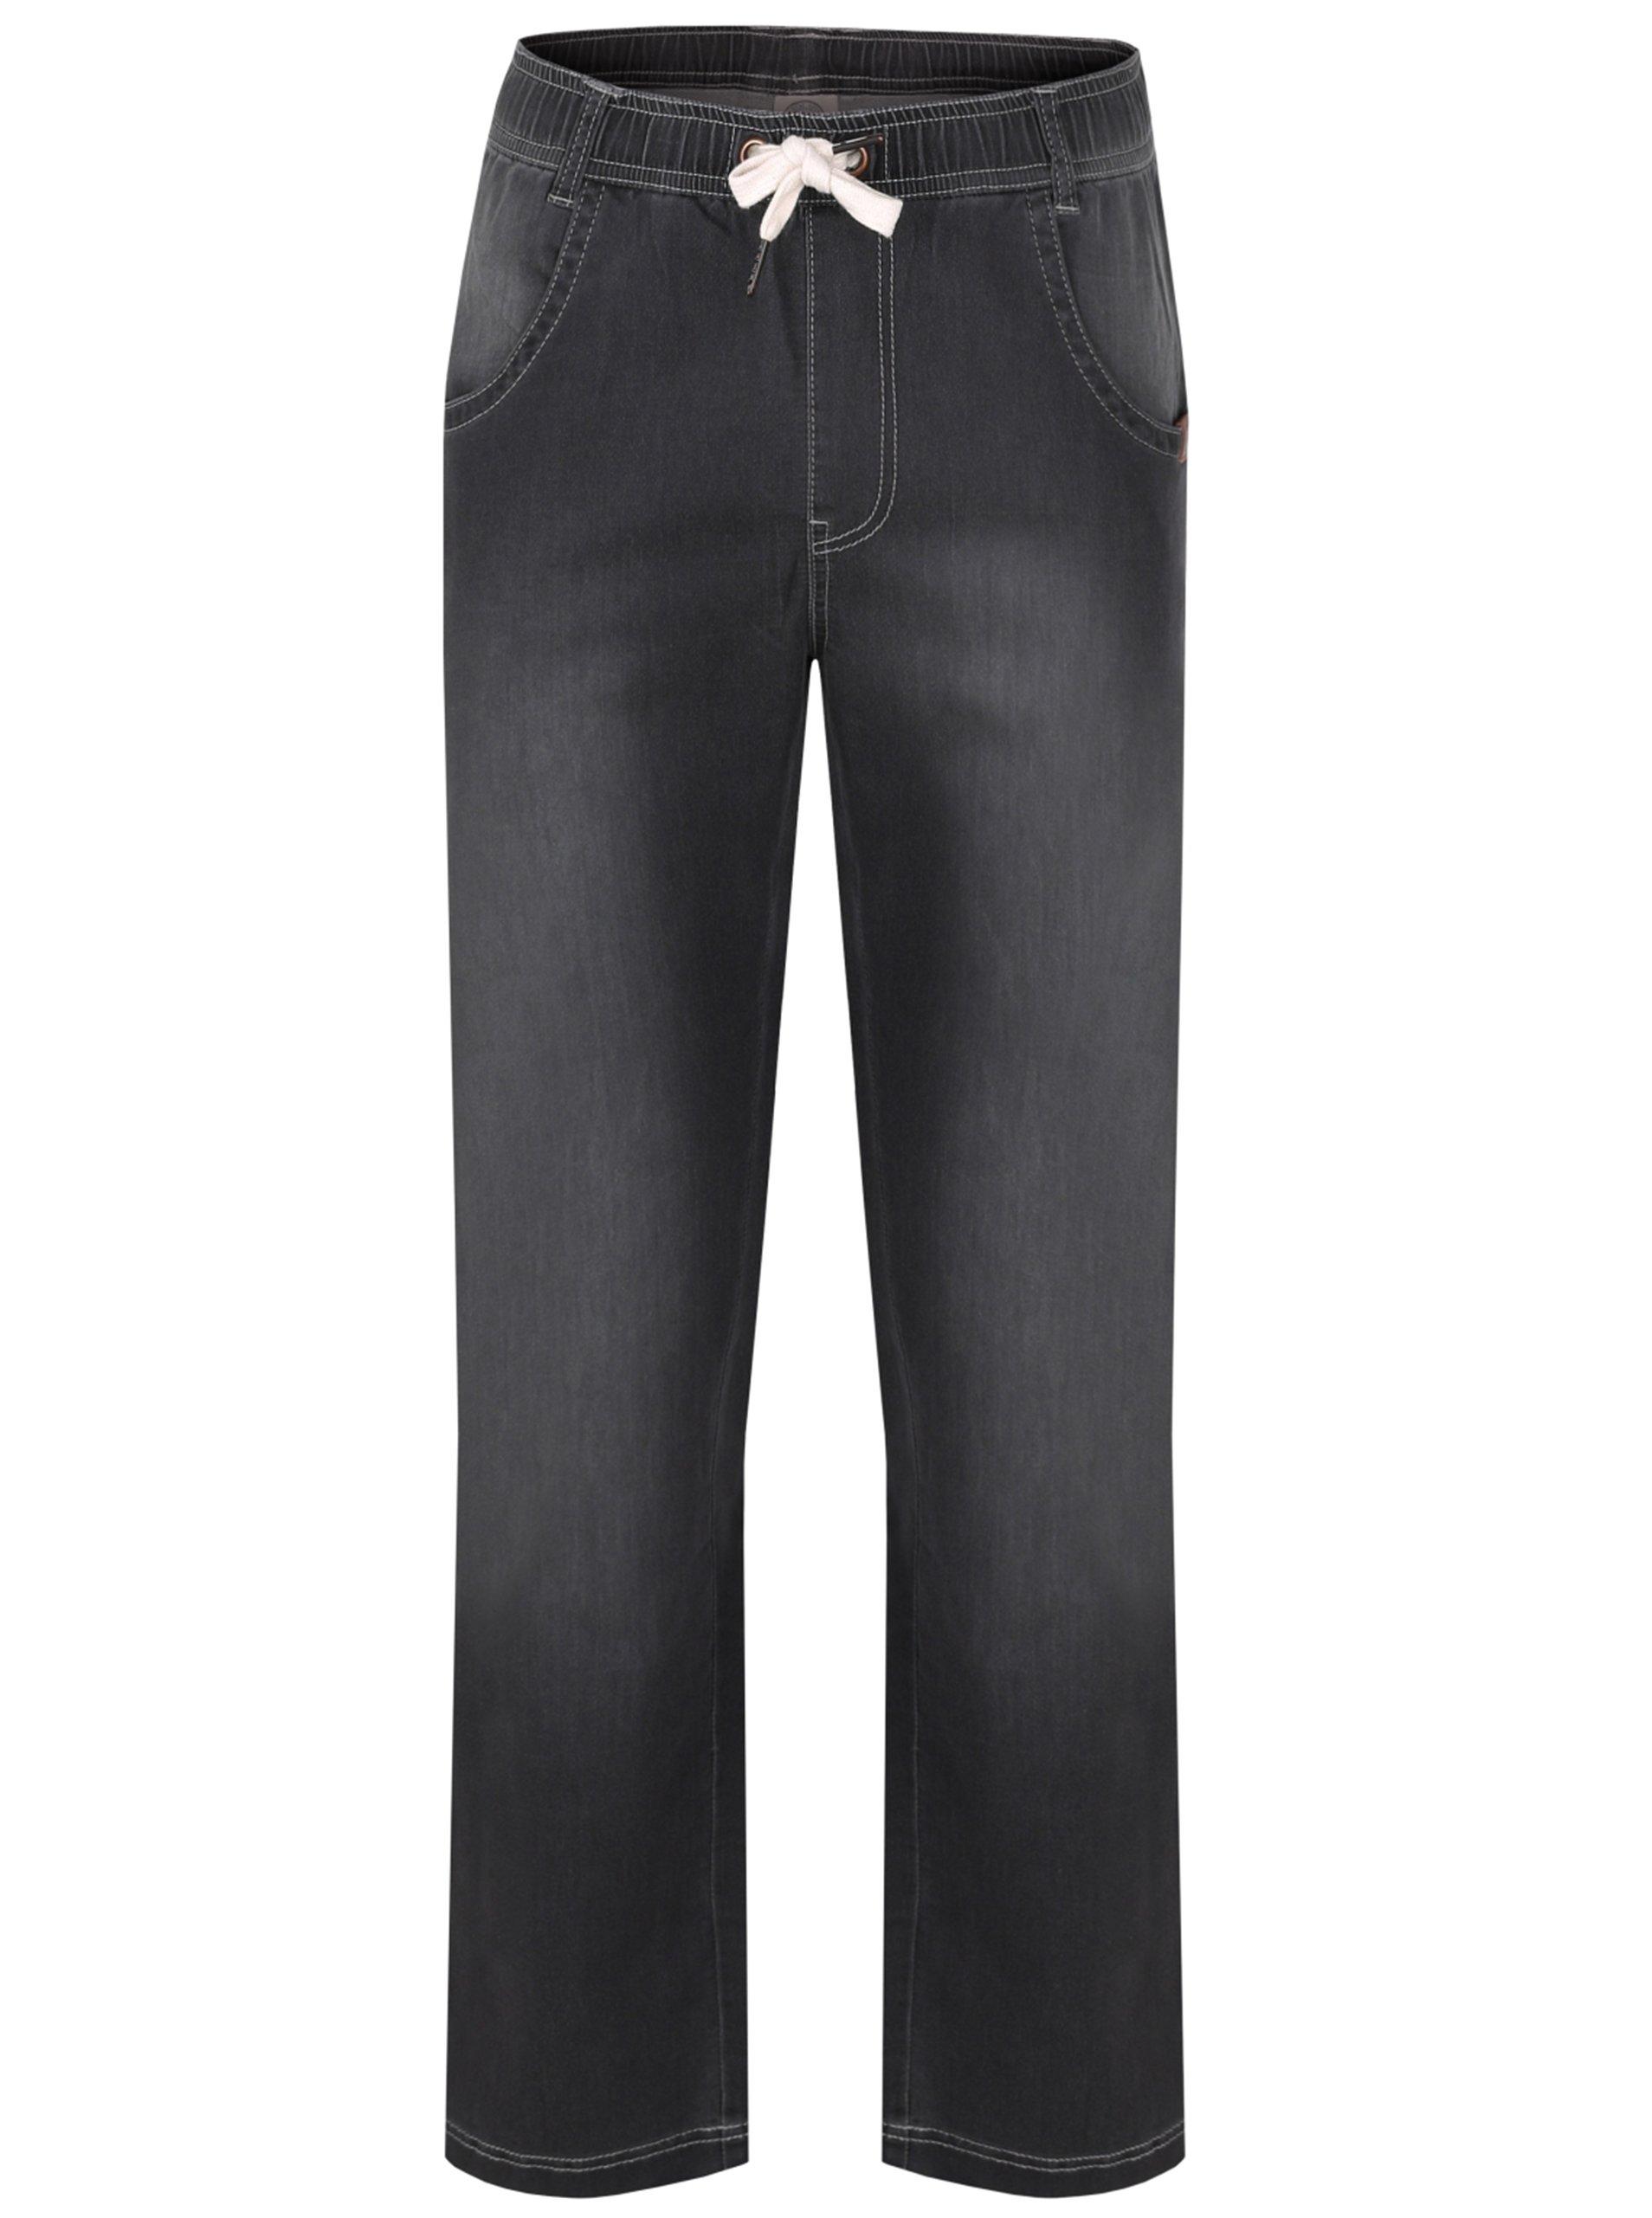 Šedé pánské kalhoty LOAP Davey